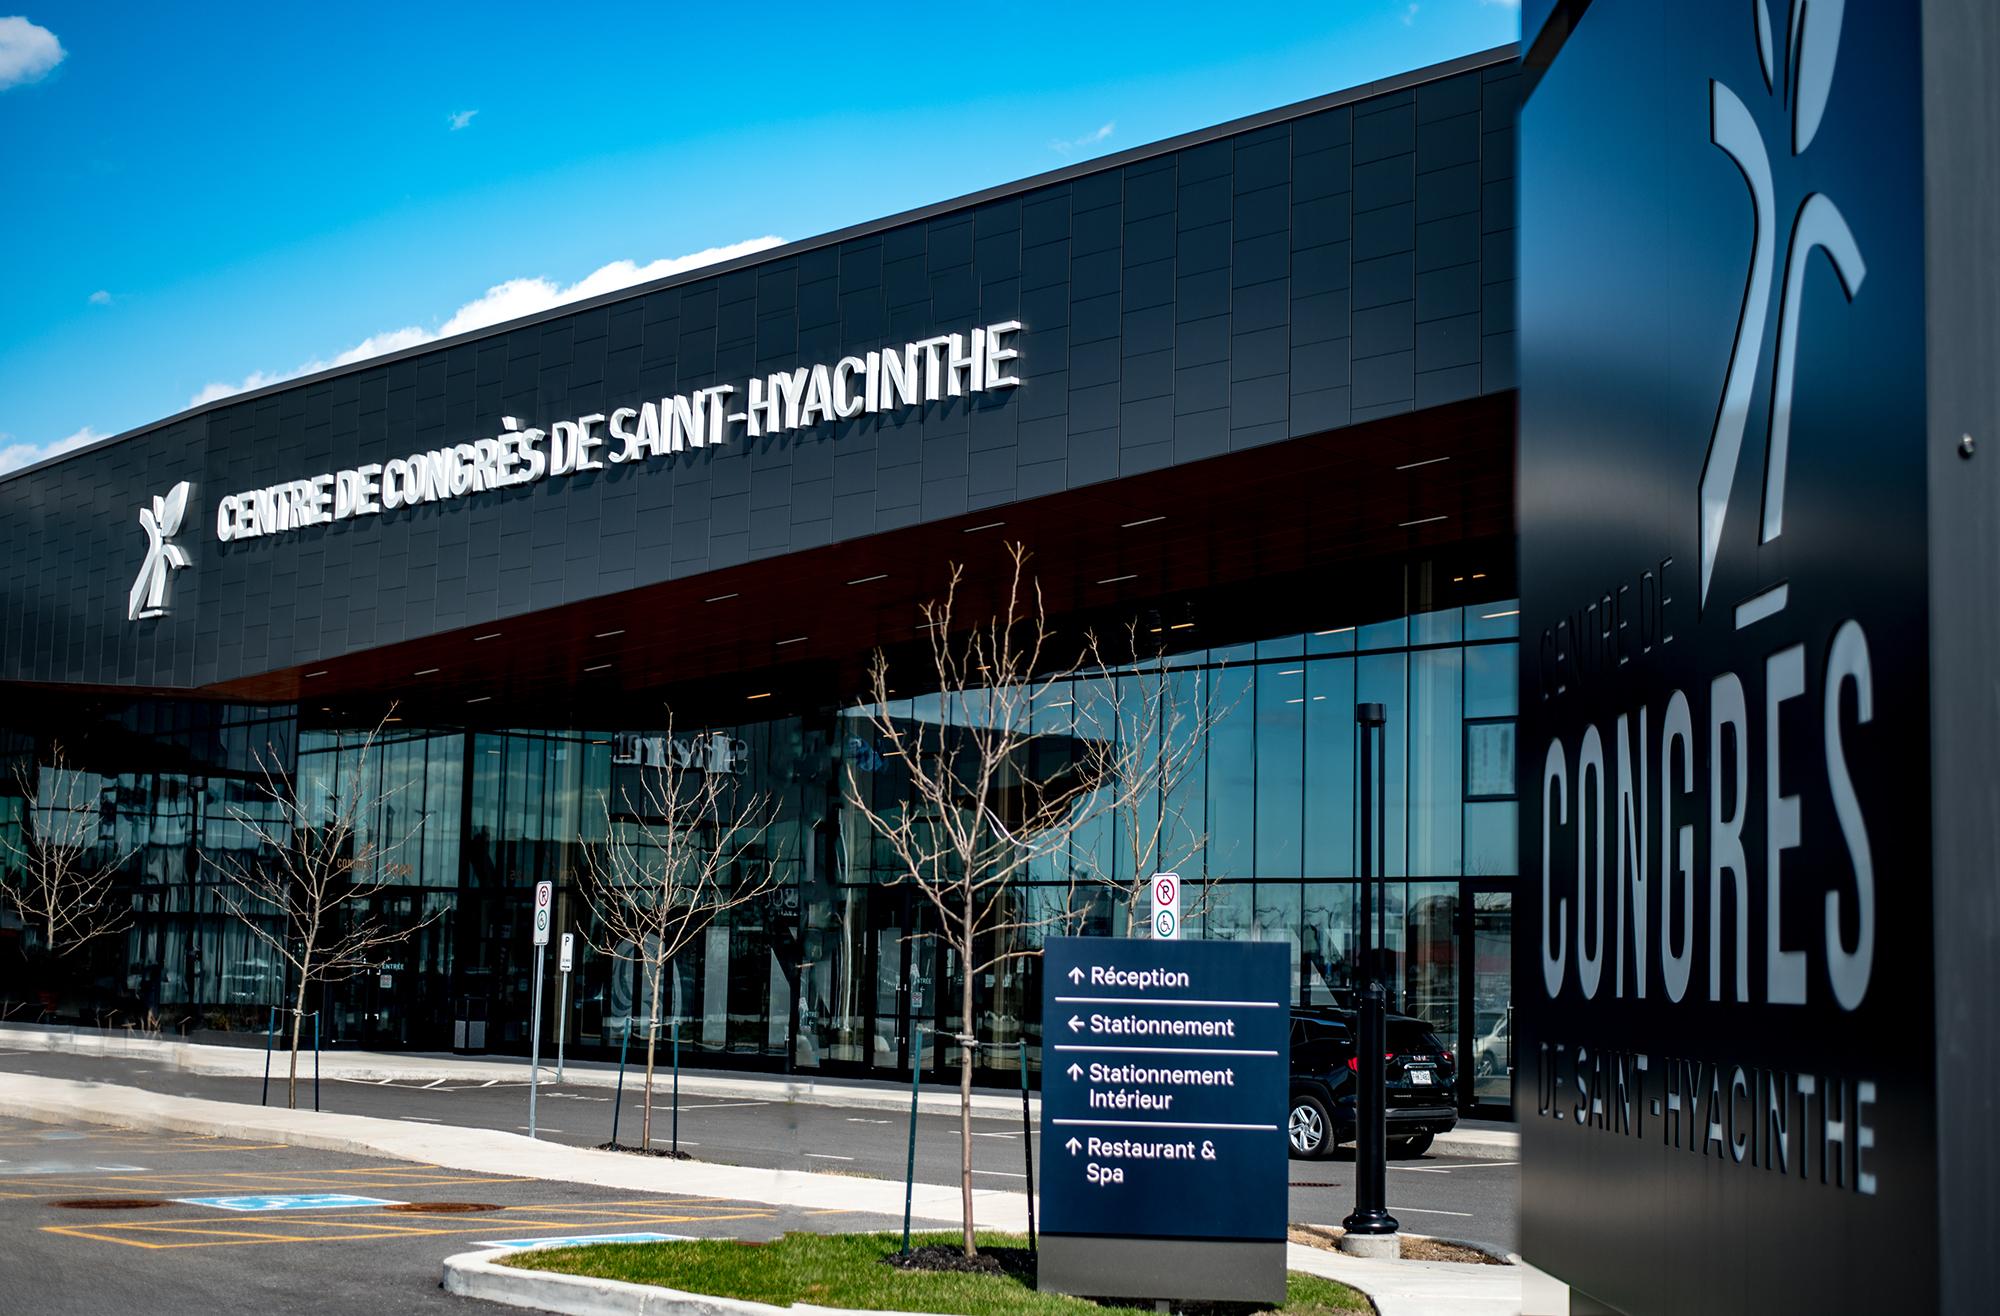 Le Groupe Jenaco impliqué dans la construction du Centre de congrès de Saint-Hyacinthe